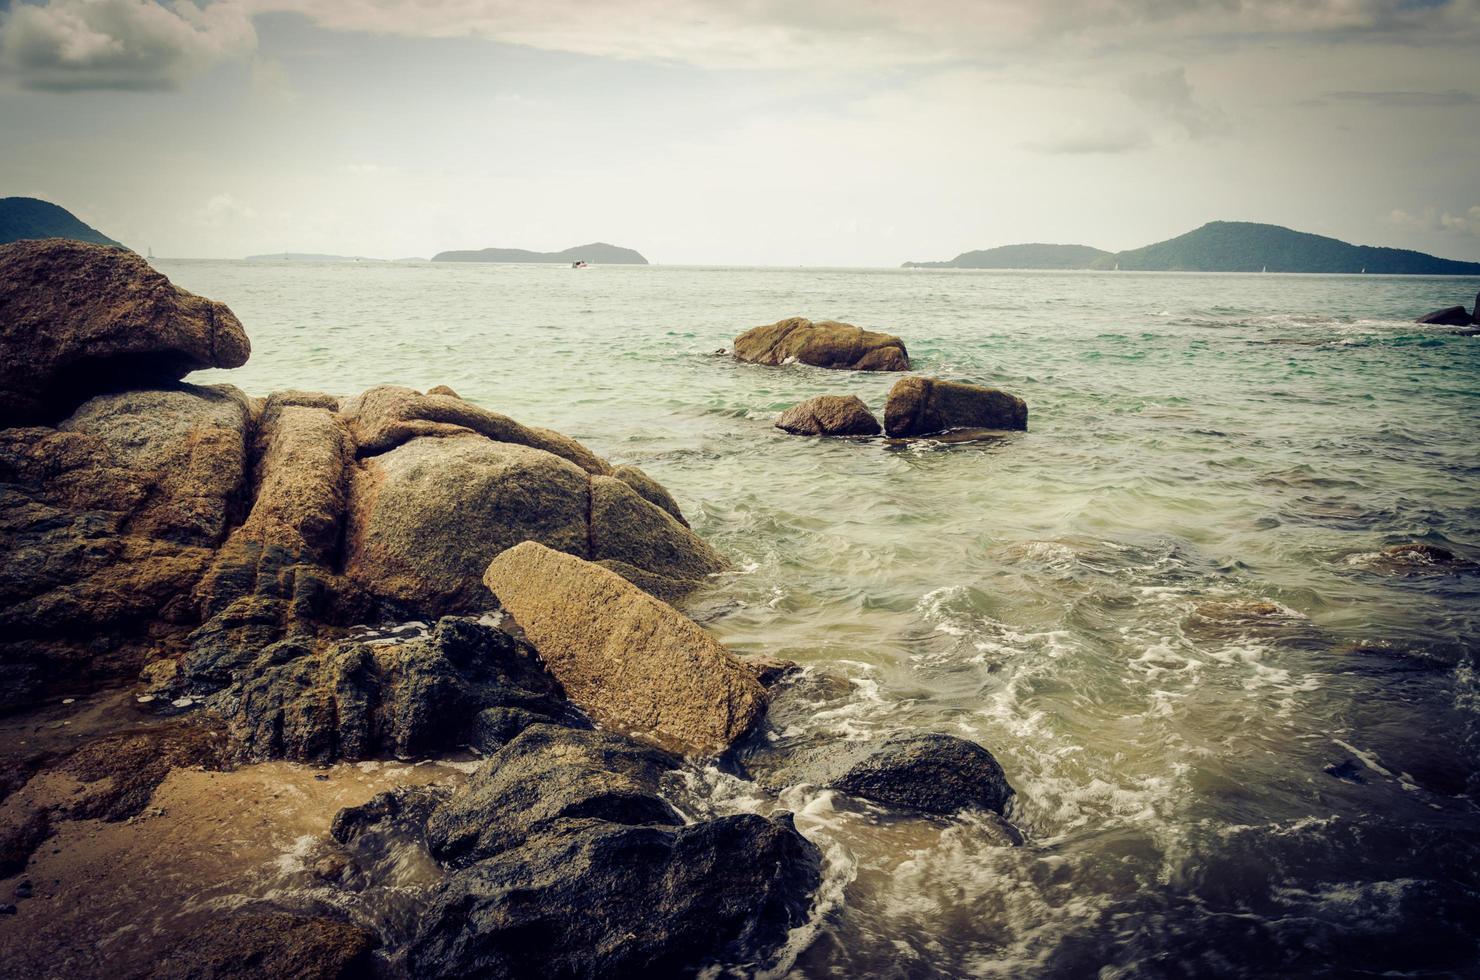 rocas en el mar en phuket, tailandia foto